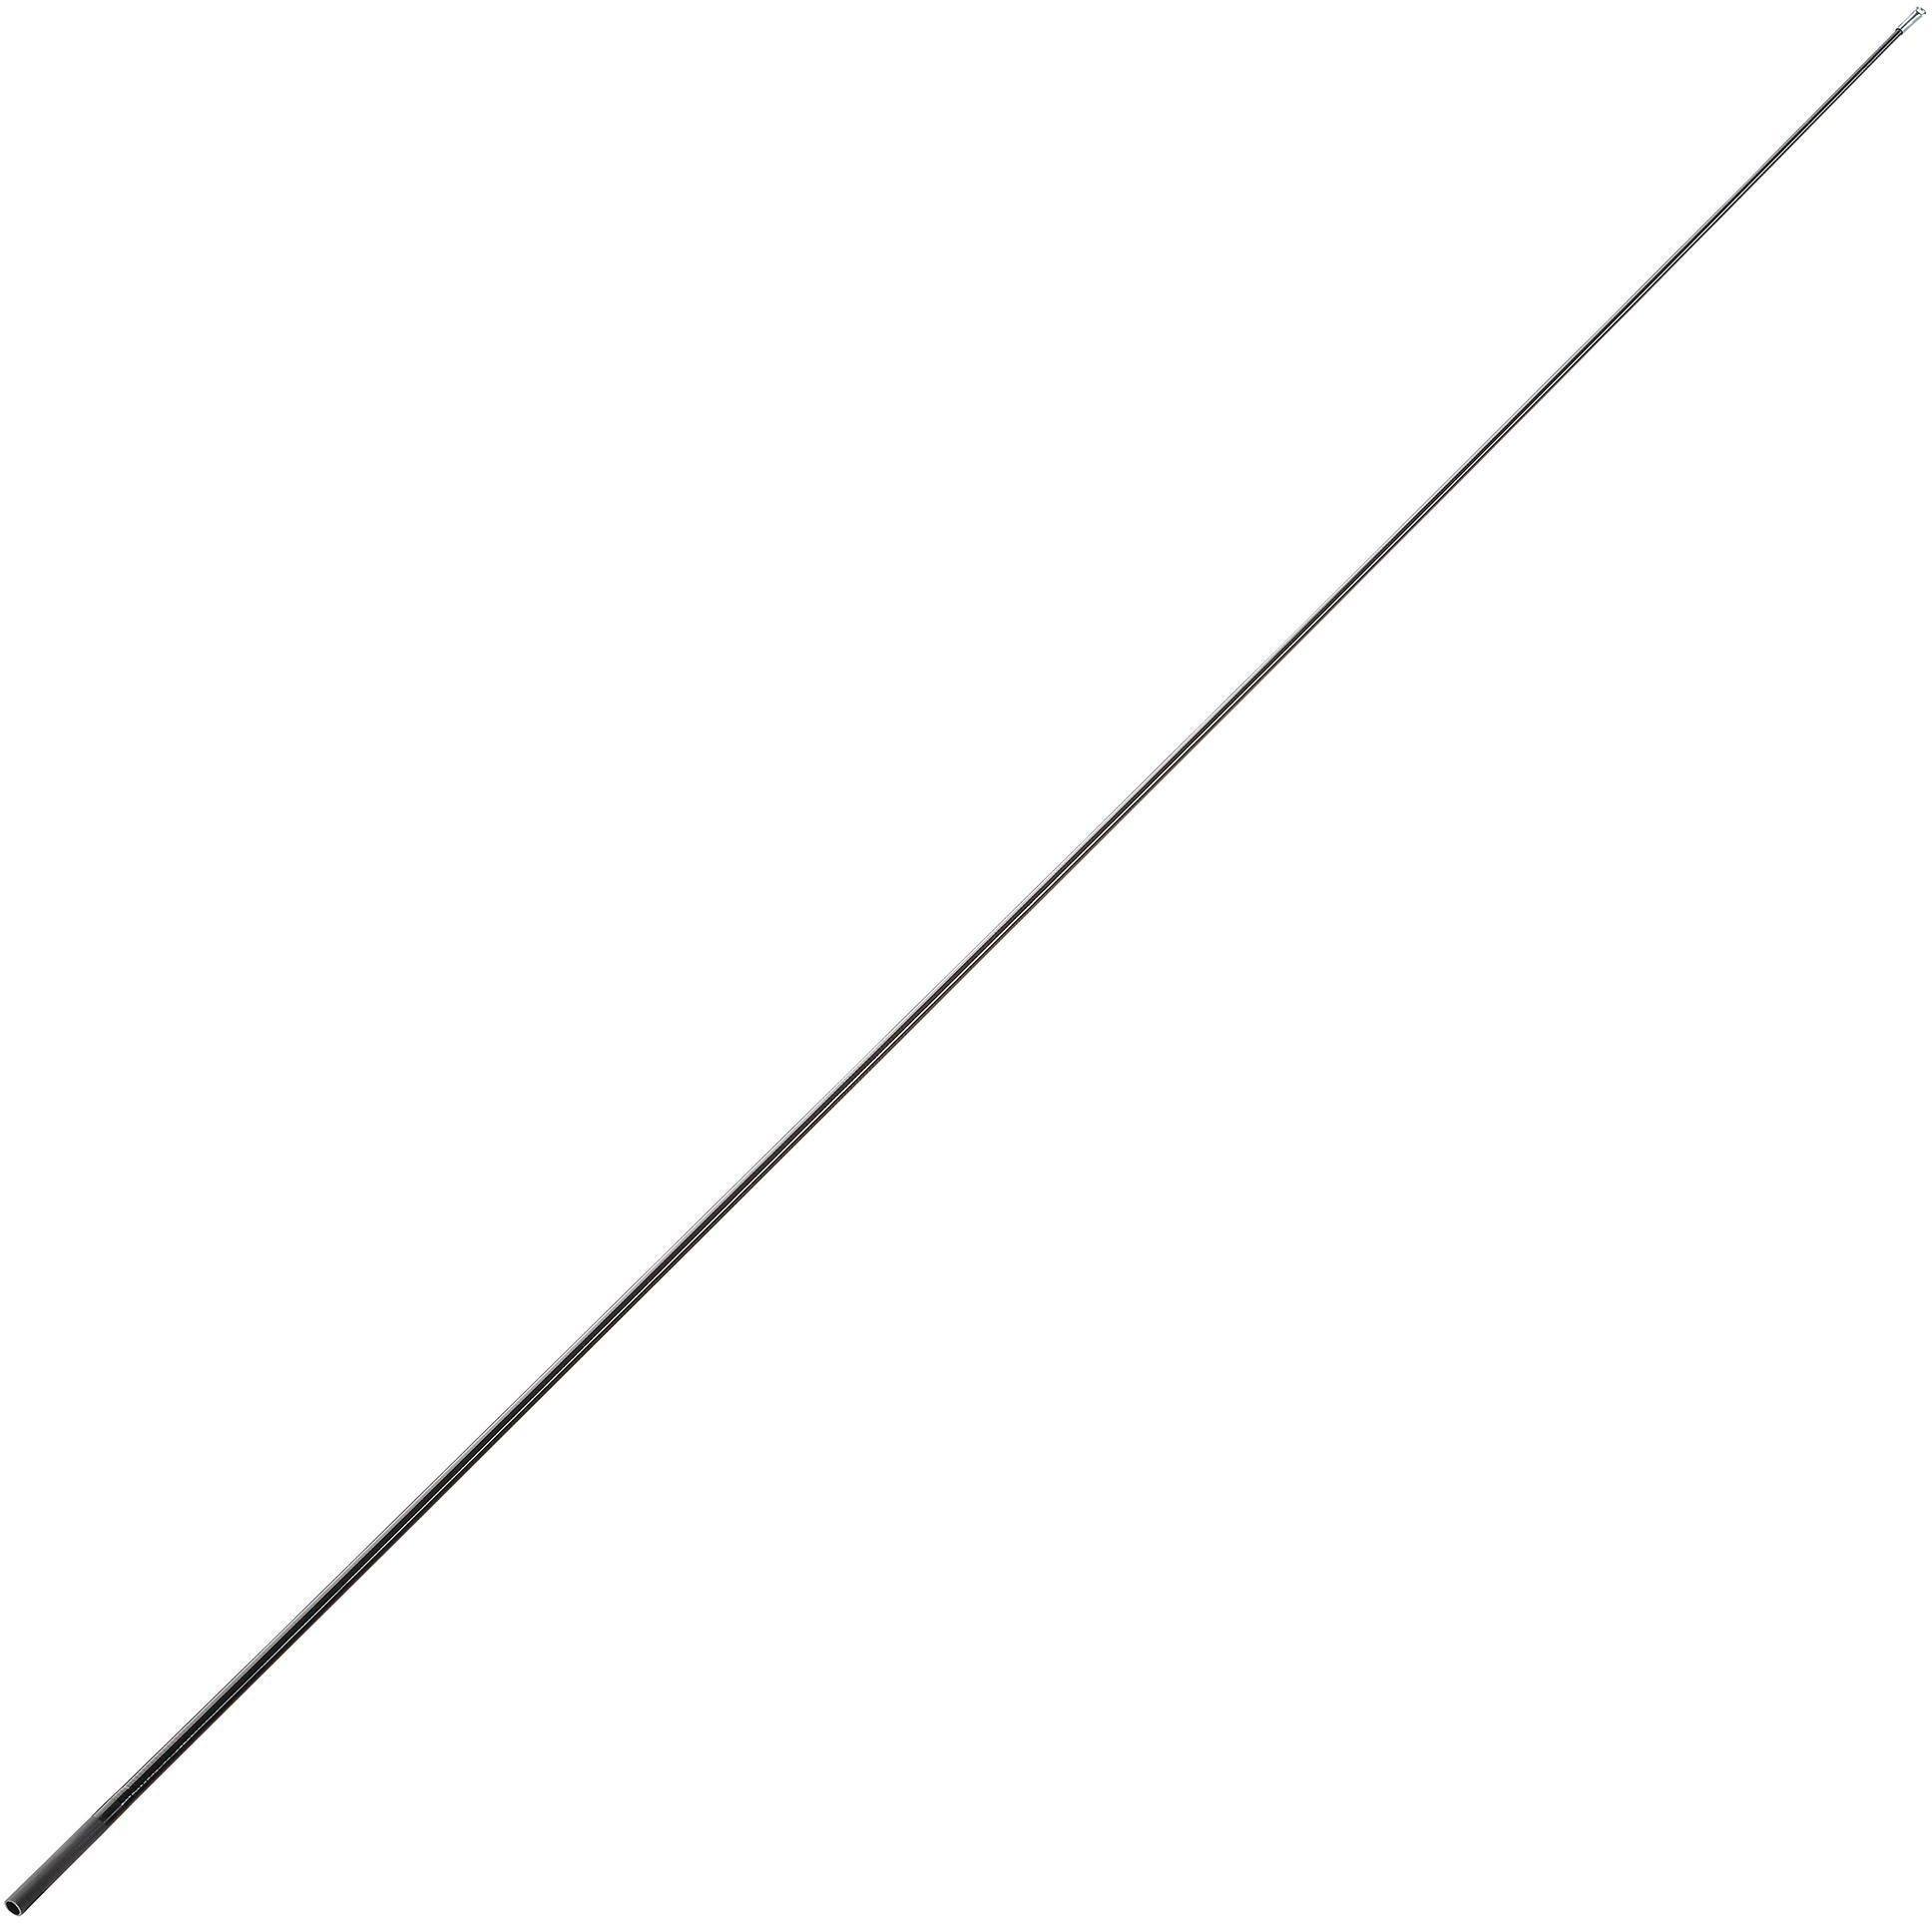 Wędka LAKESIDE-5 Power 4,5 element 1